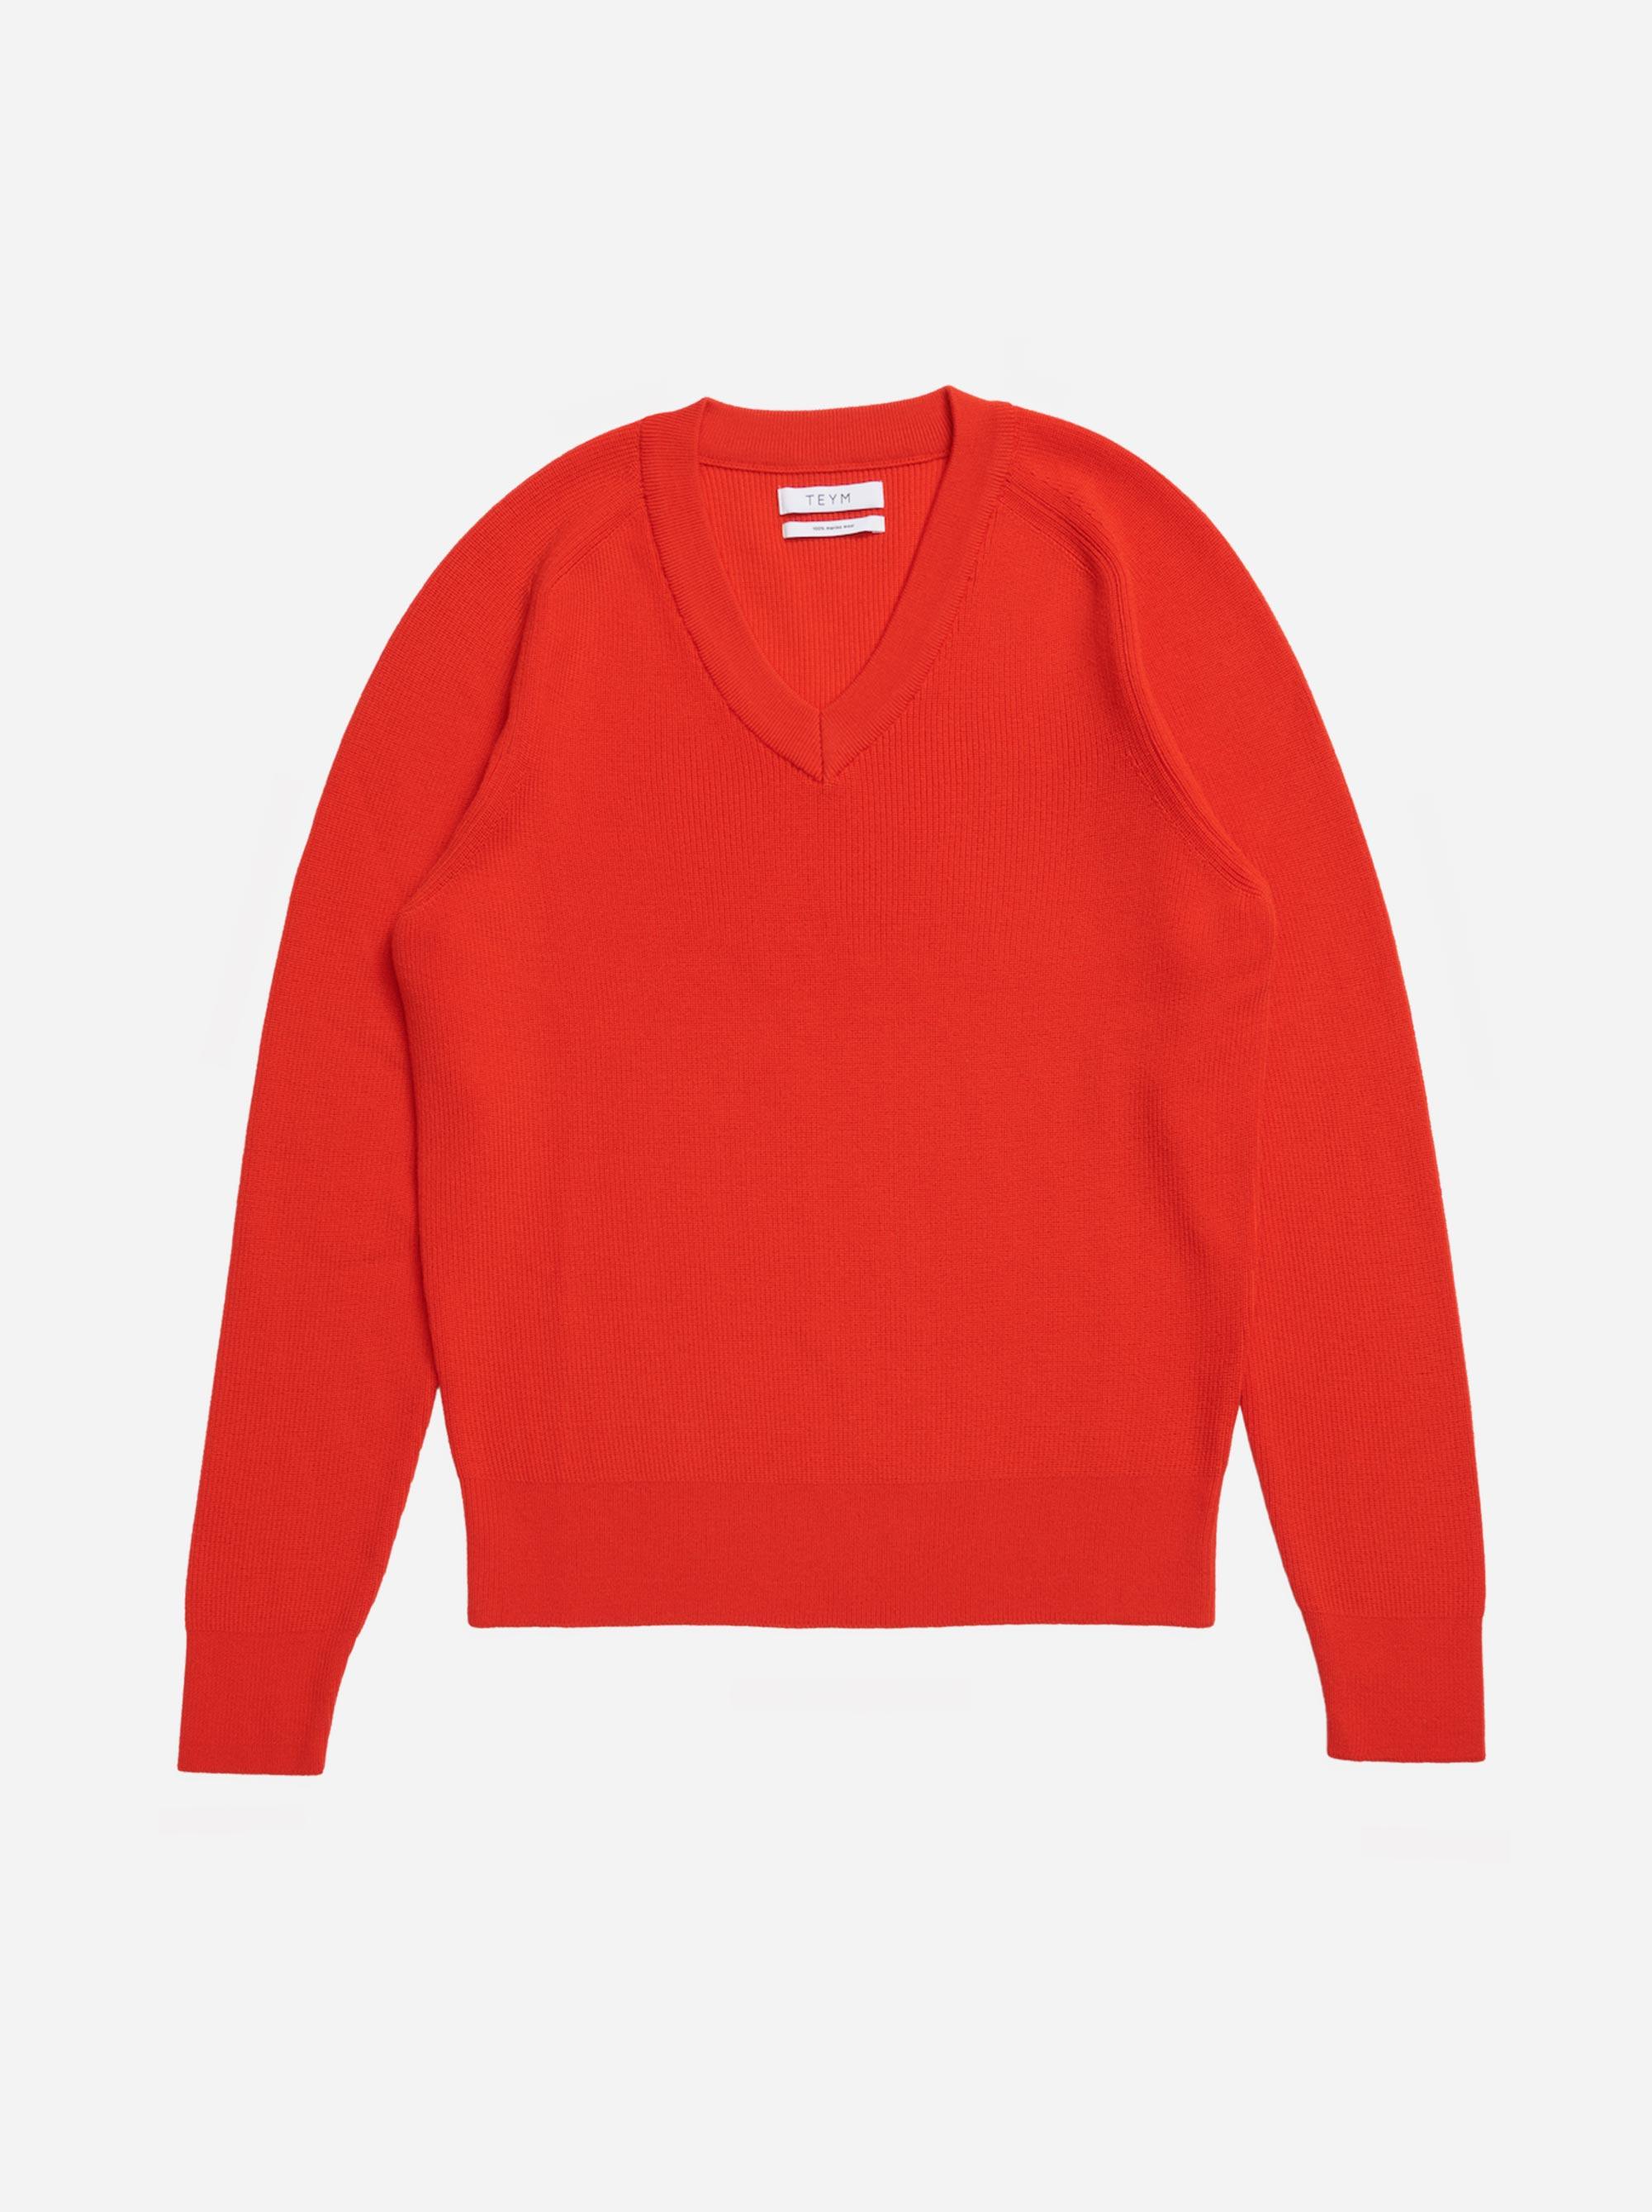 Teym - V-Neck - The Merino Sweater - Men - Red - 5